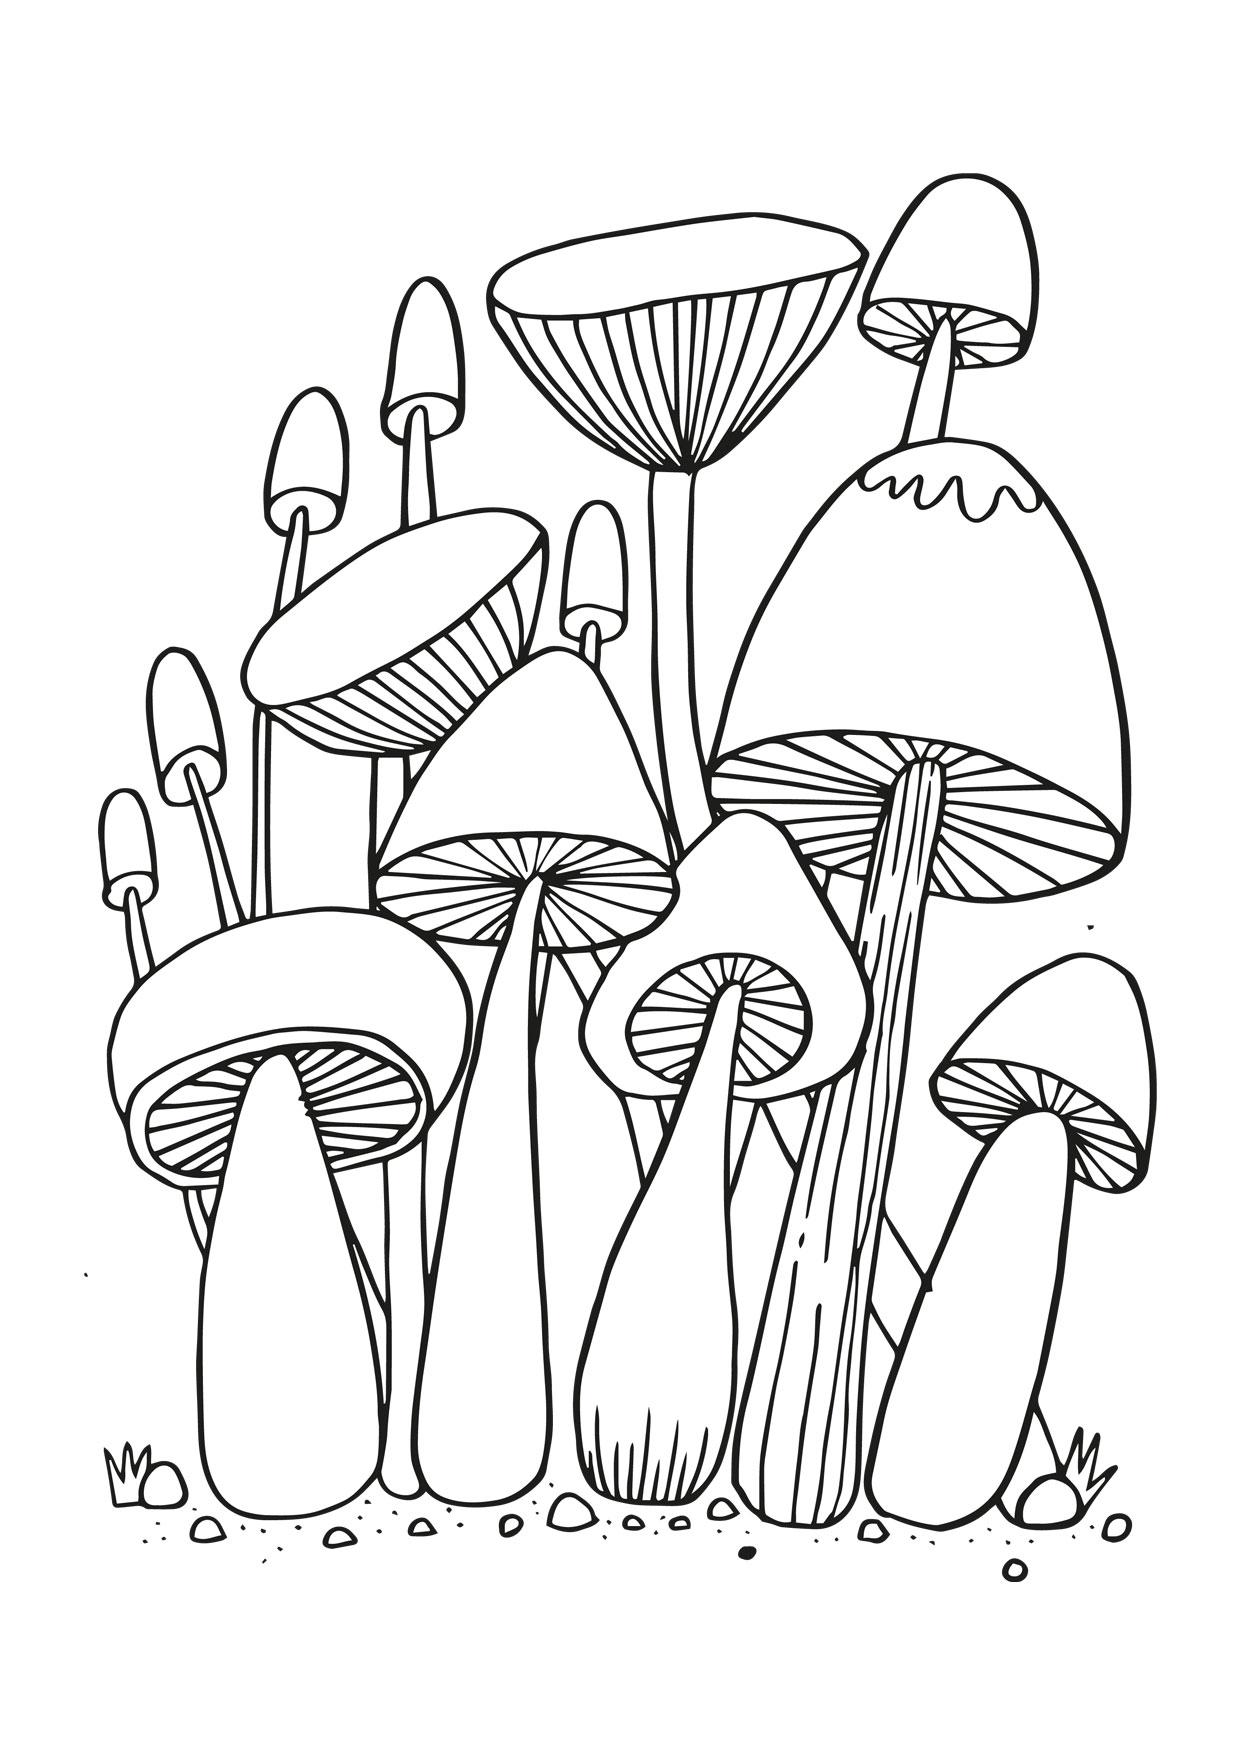 Disegno di funghi da colorare 15